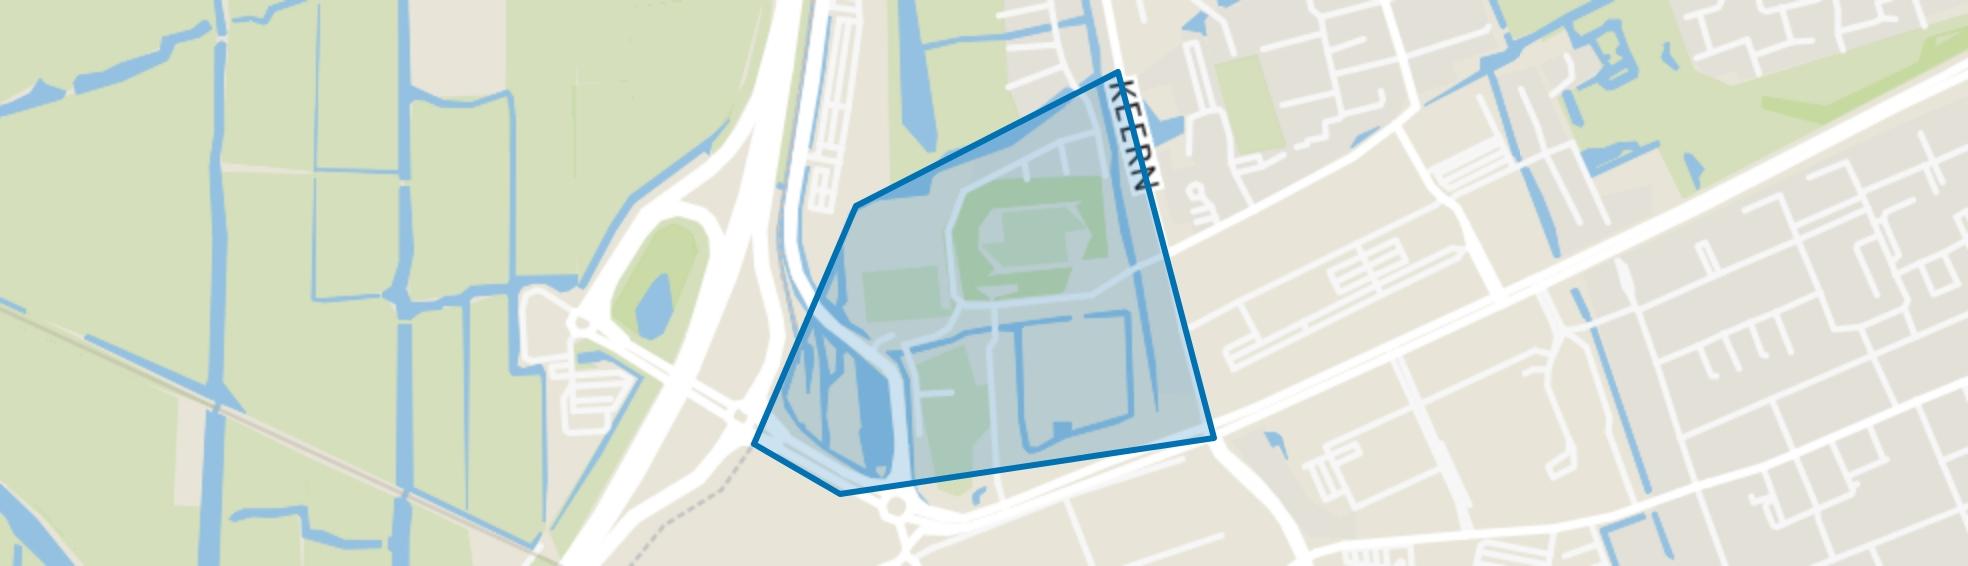 Risdam-Zuid - Buurt 20 02, Hoorn (NH) map